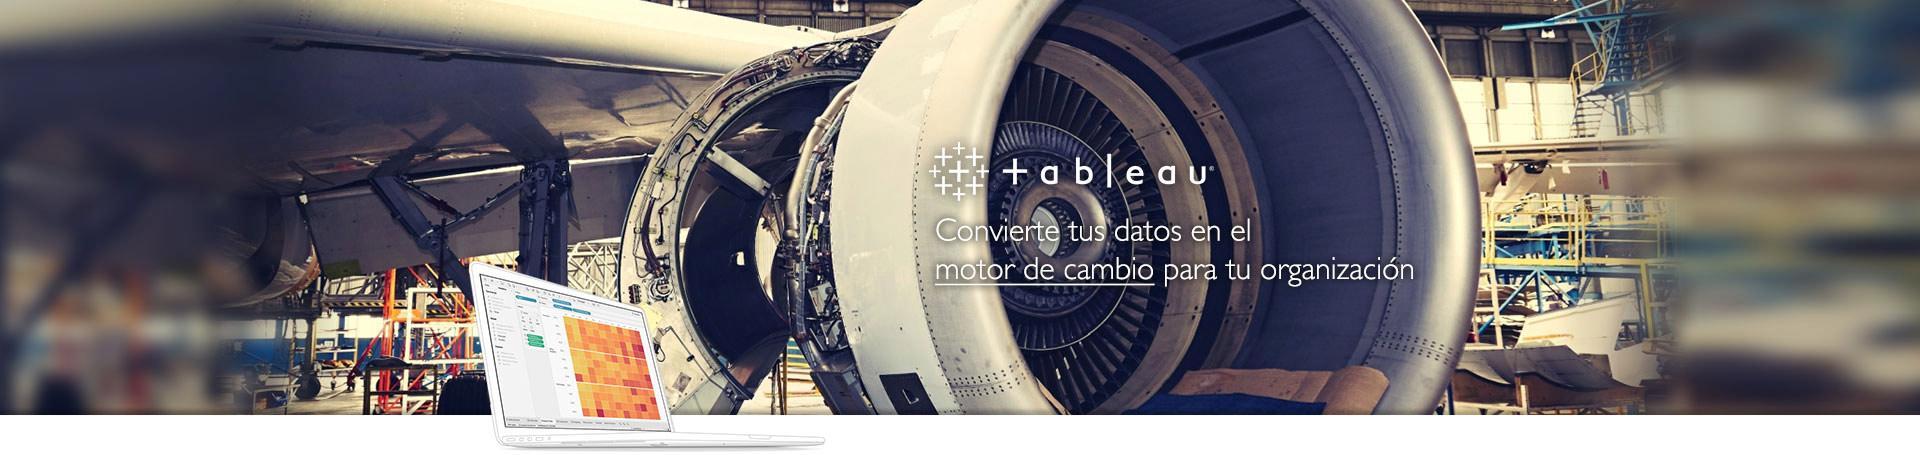 Partner_tableau_españa